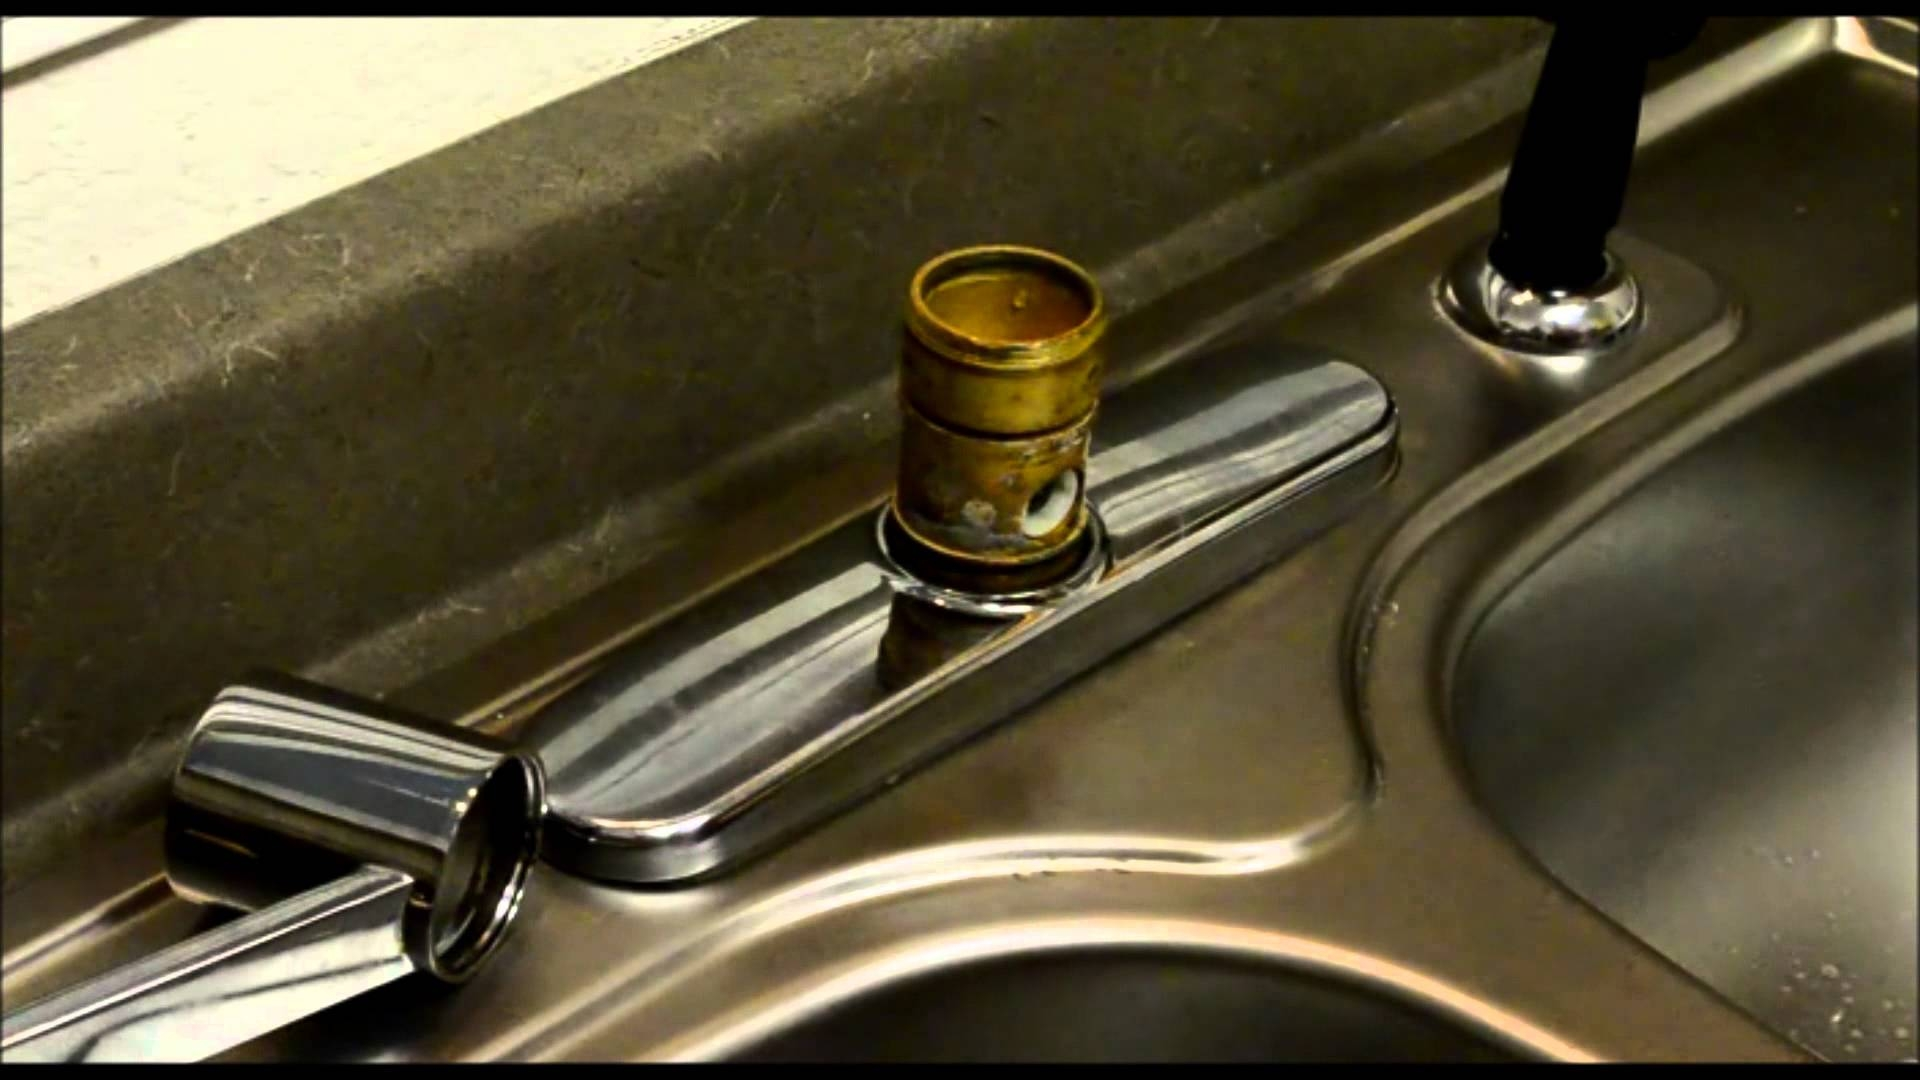 Ideas, disassemble moen kitchen faucet cartridge disassemble moen kitchen faucet cartridge kitchen delta kitchen faucet repair kit delta kitchen faucet 1920 x 1080  .